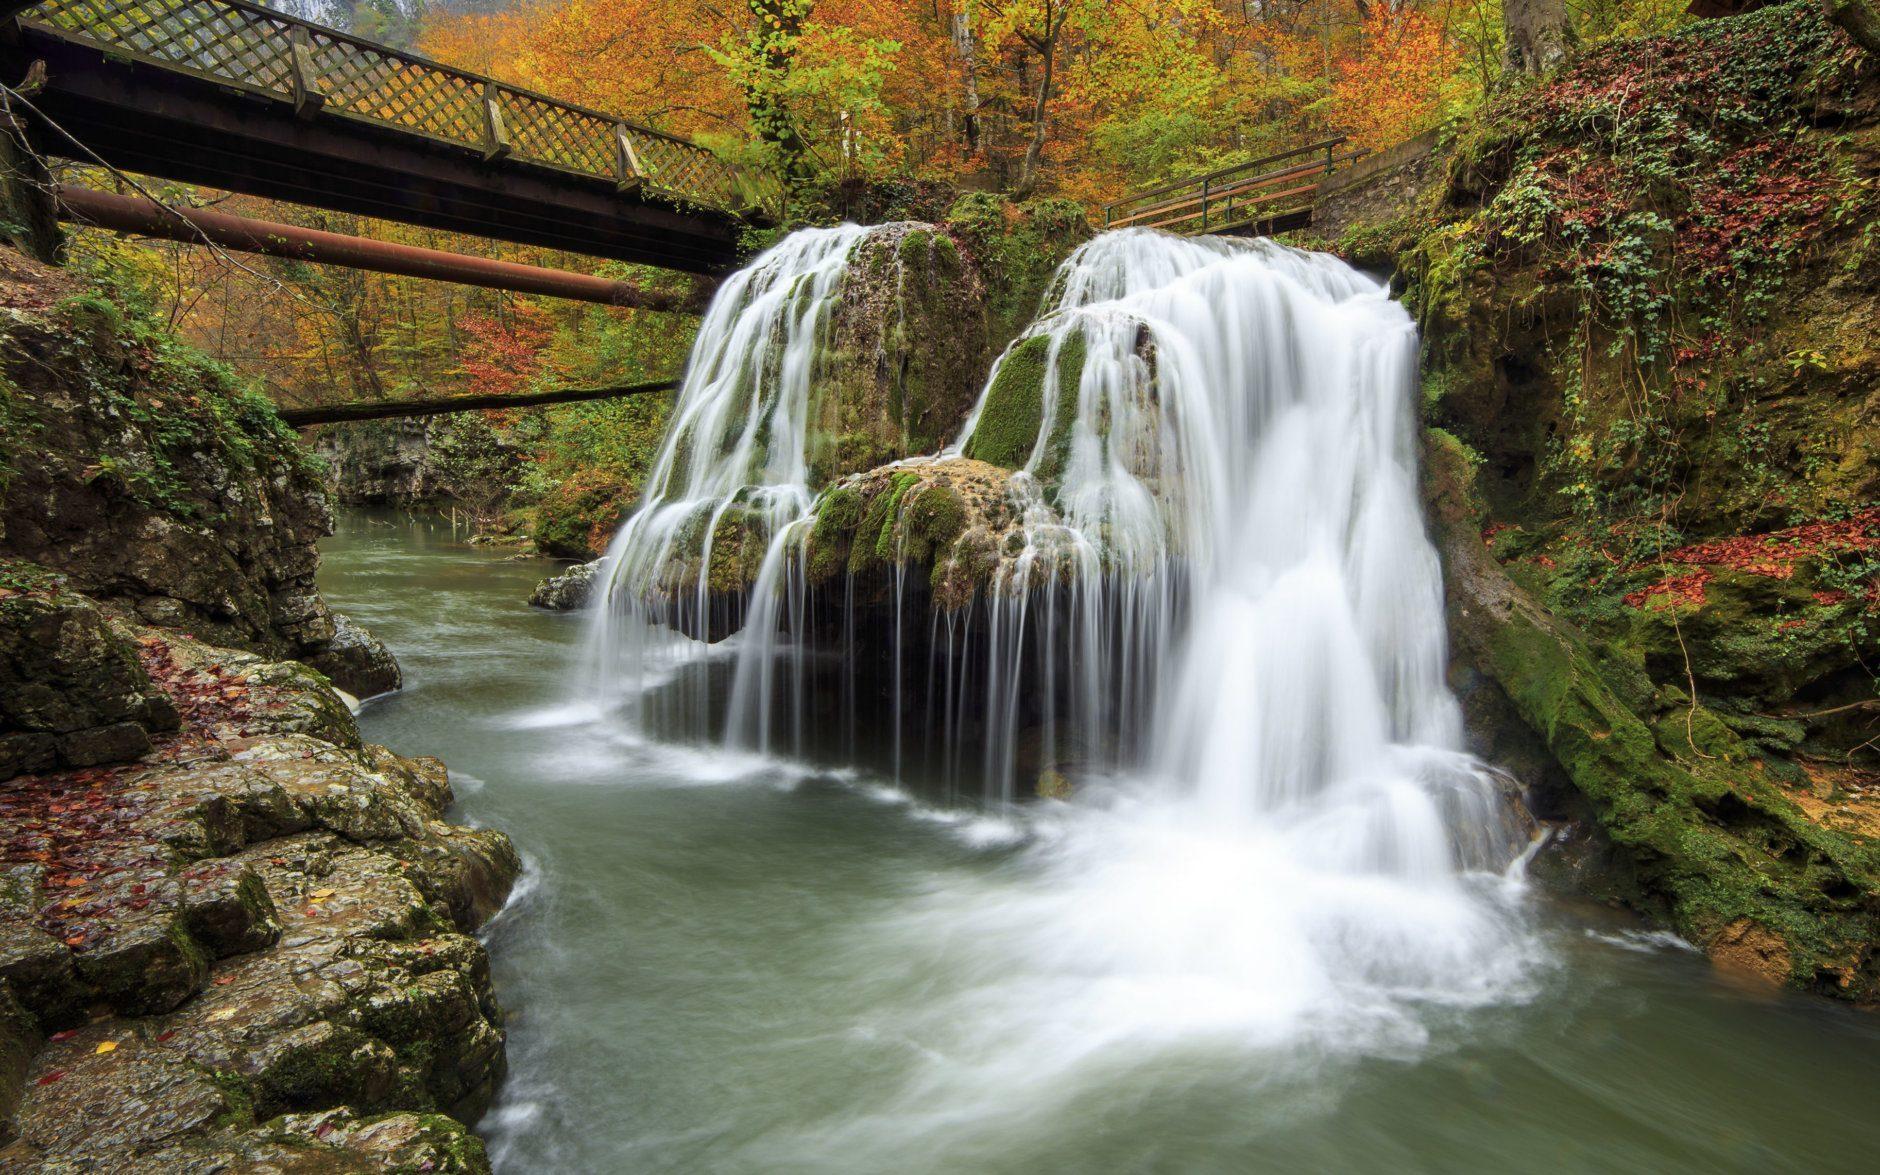 Bigar waterfall,Romania